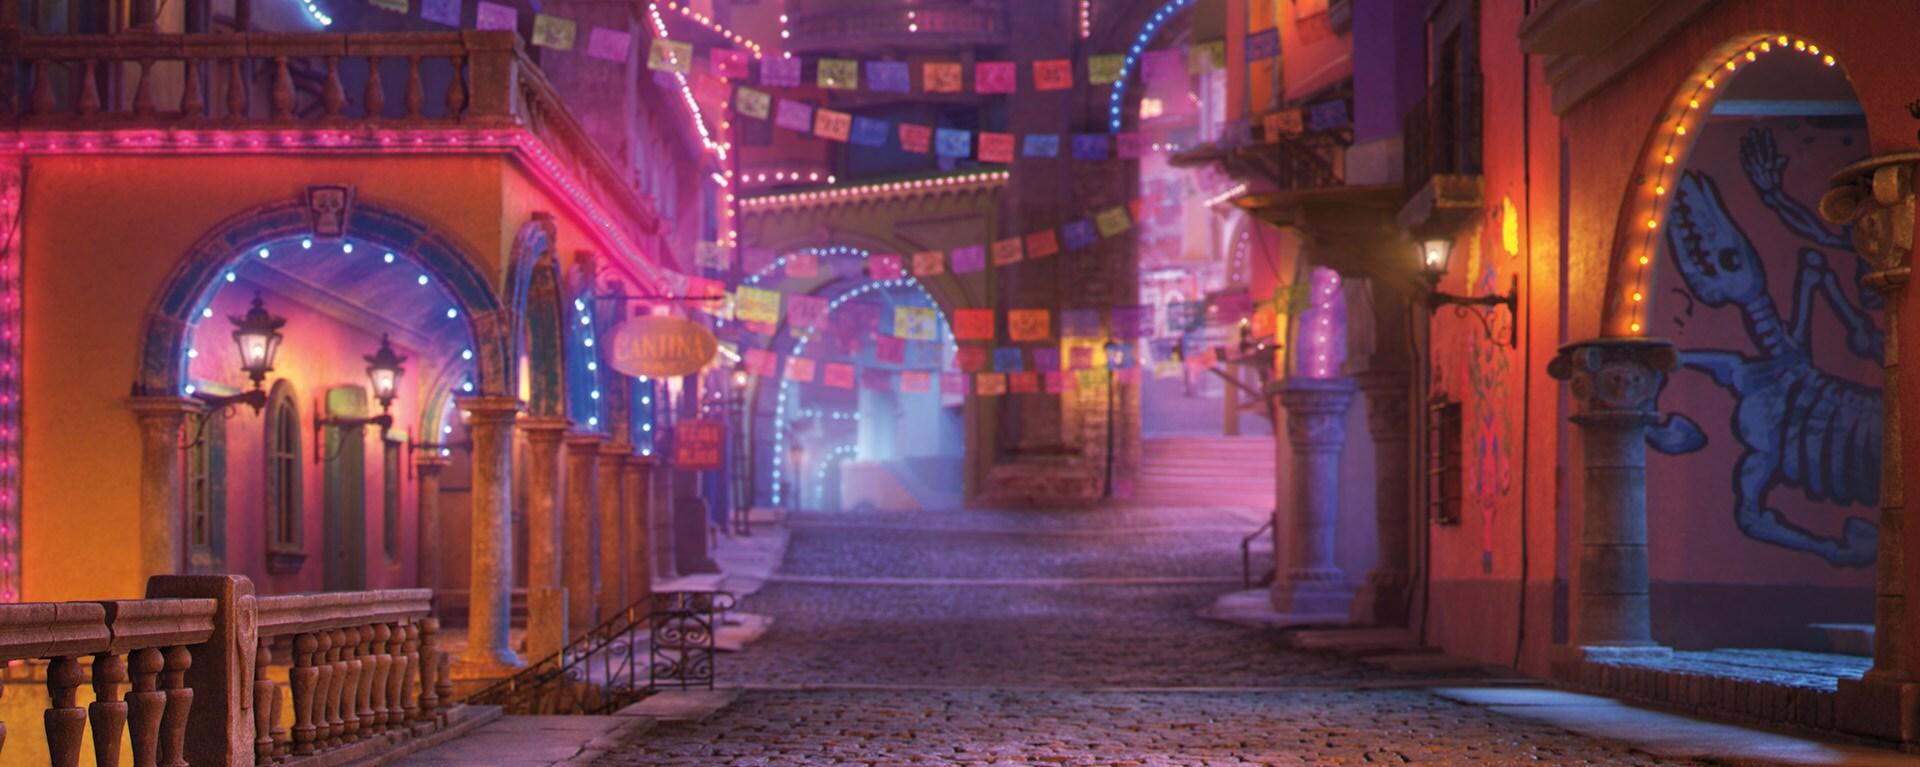 Pixar Coco Video Background